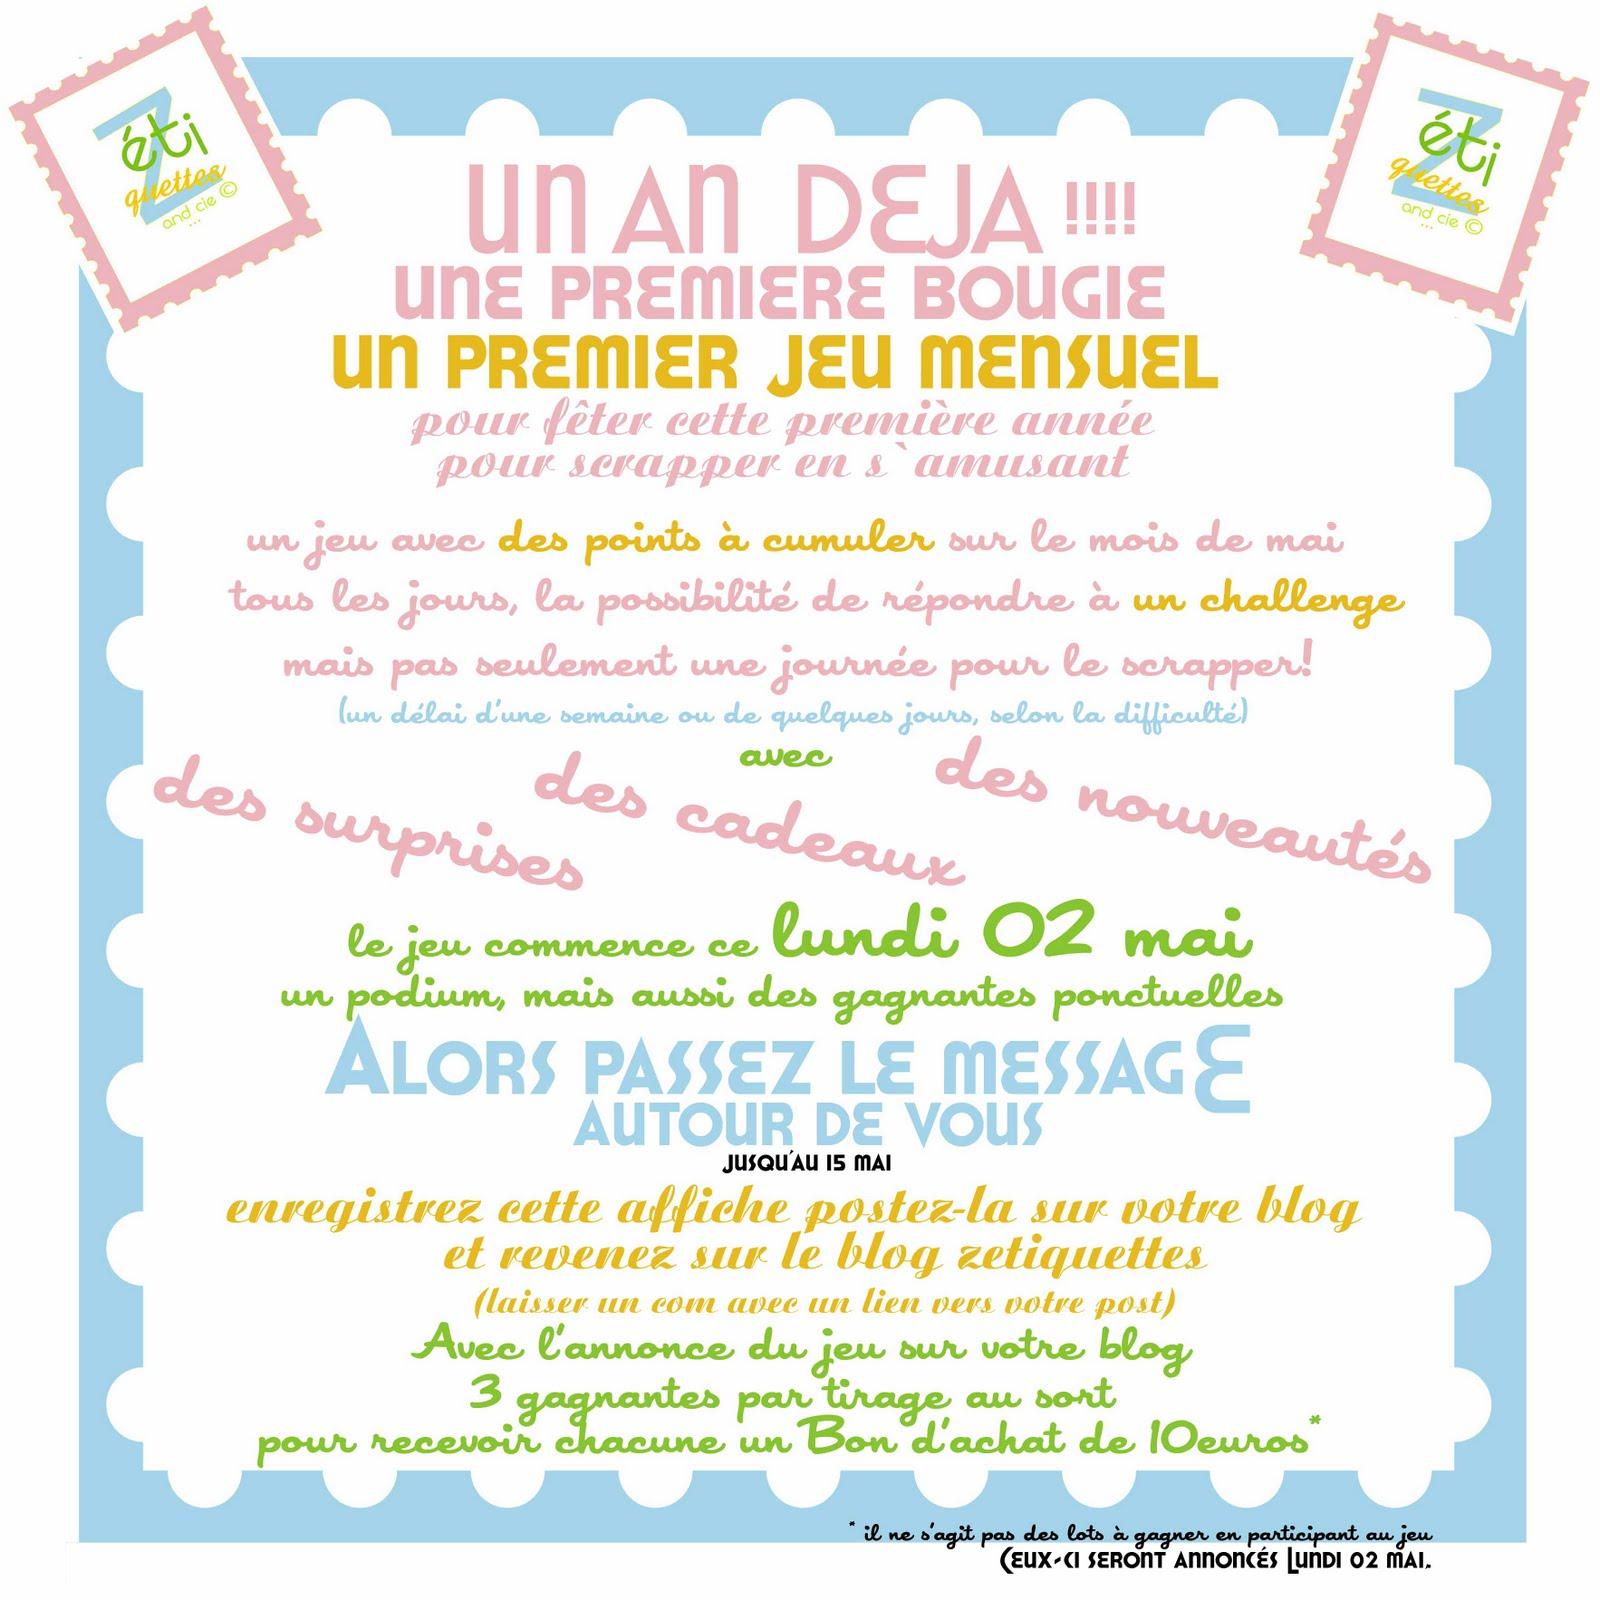 http://4.bp.blogspot.com/-AxEq6jy6yqY/Tbp6bEEKIYI/AAAAAAAAF4s/Niv5R7kB27g/s1600/affiche+jeu+mai+2011+copie.jpg